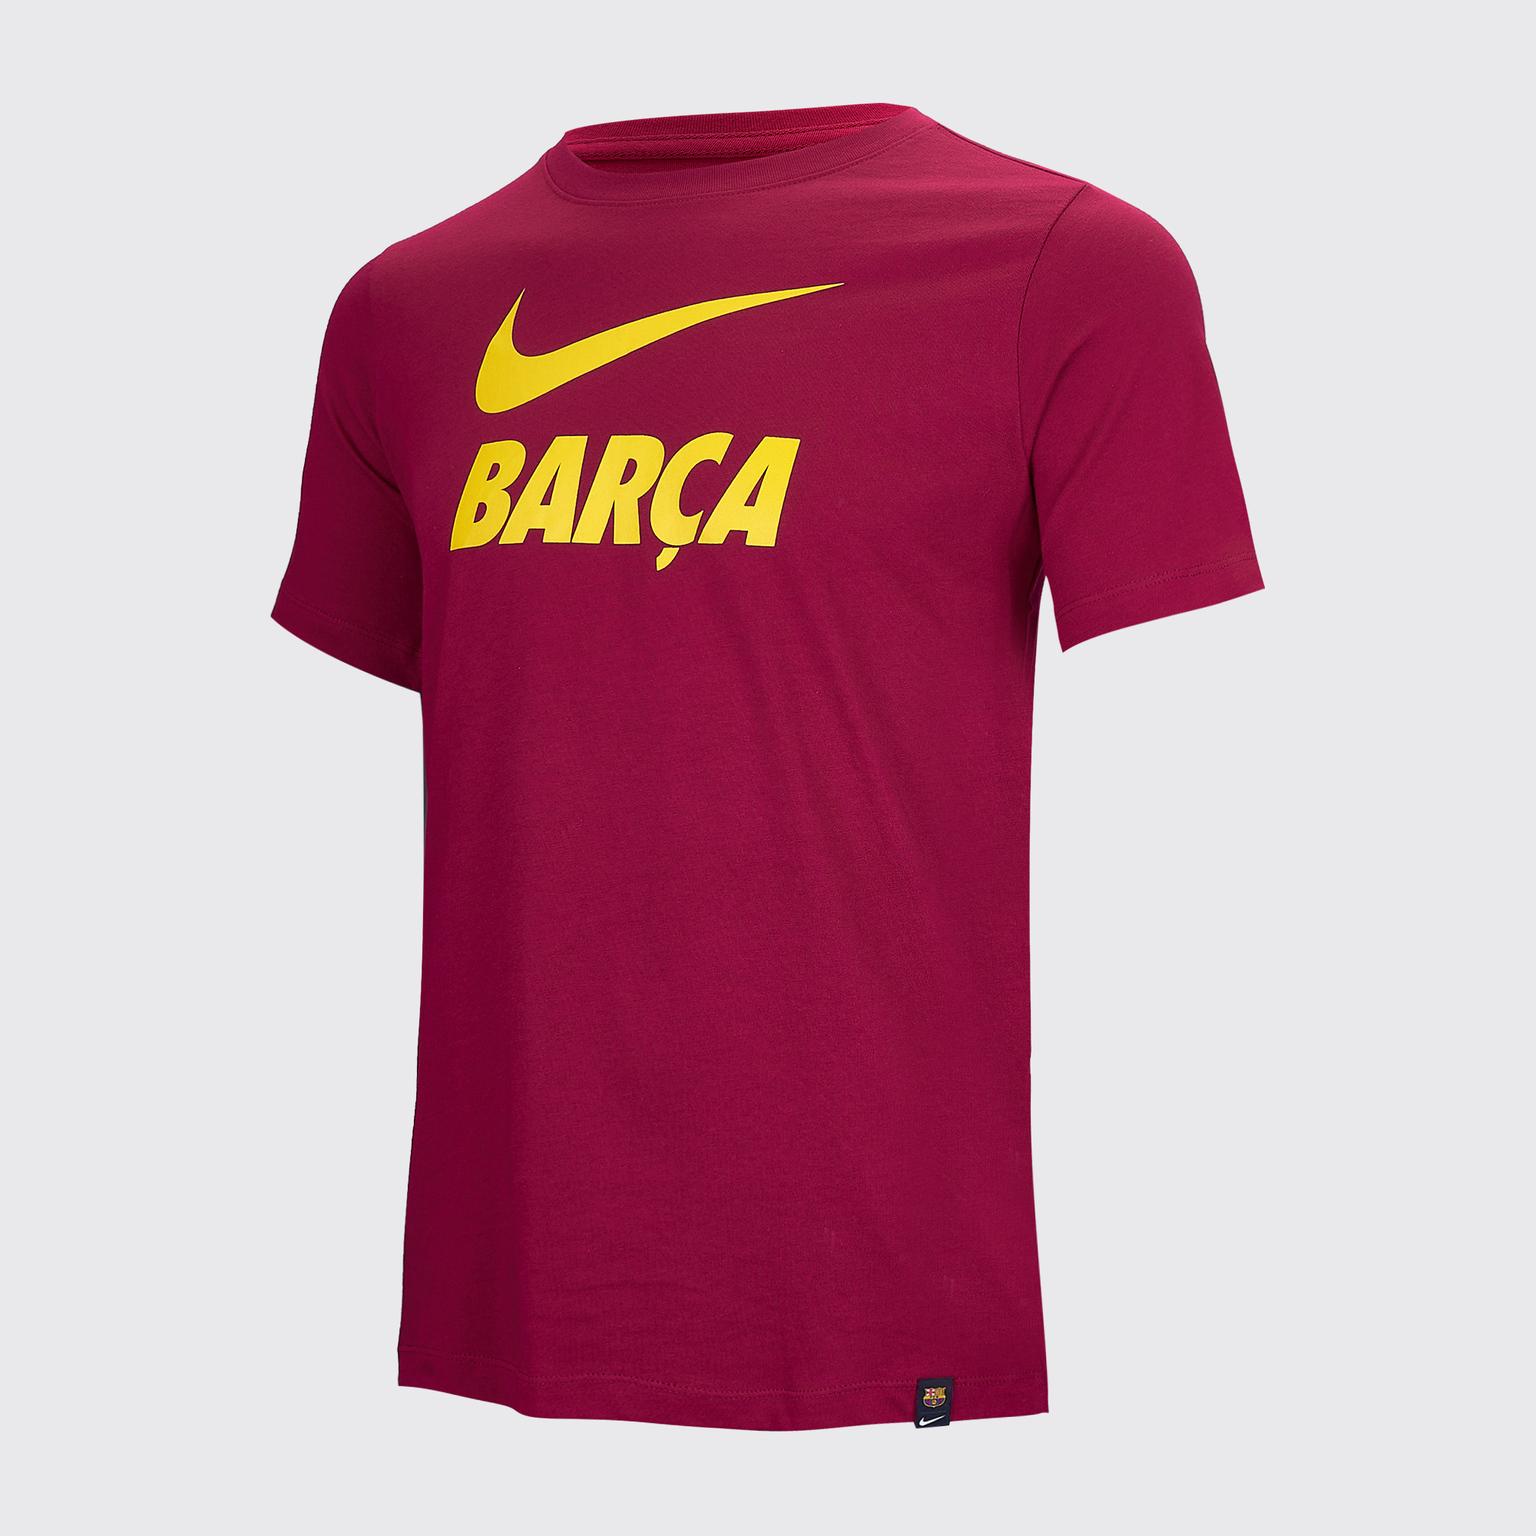 Футболка хлопковая подростковая Nike Barcelona сезон 2020/21